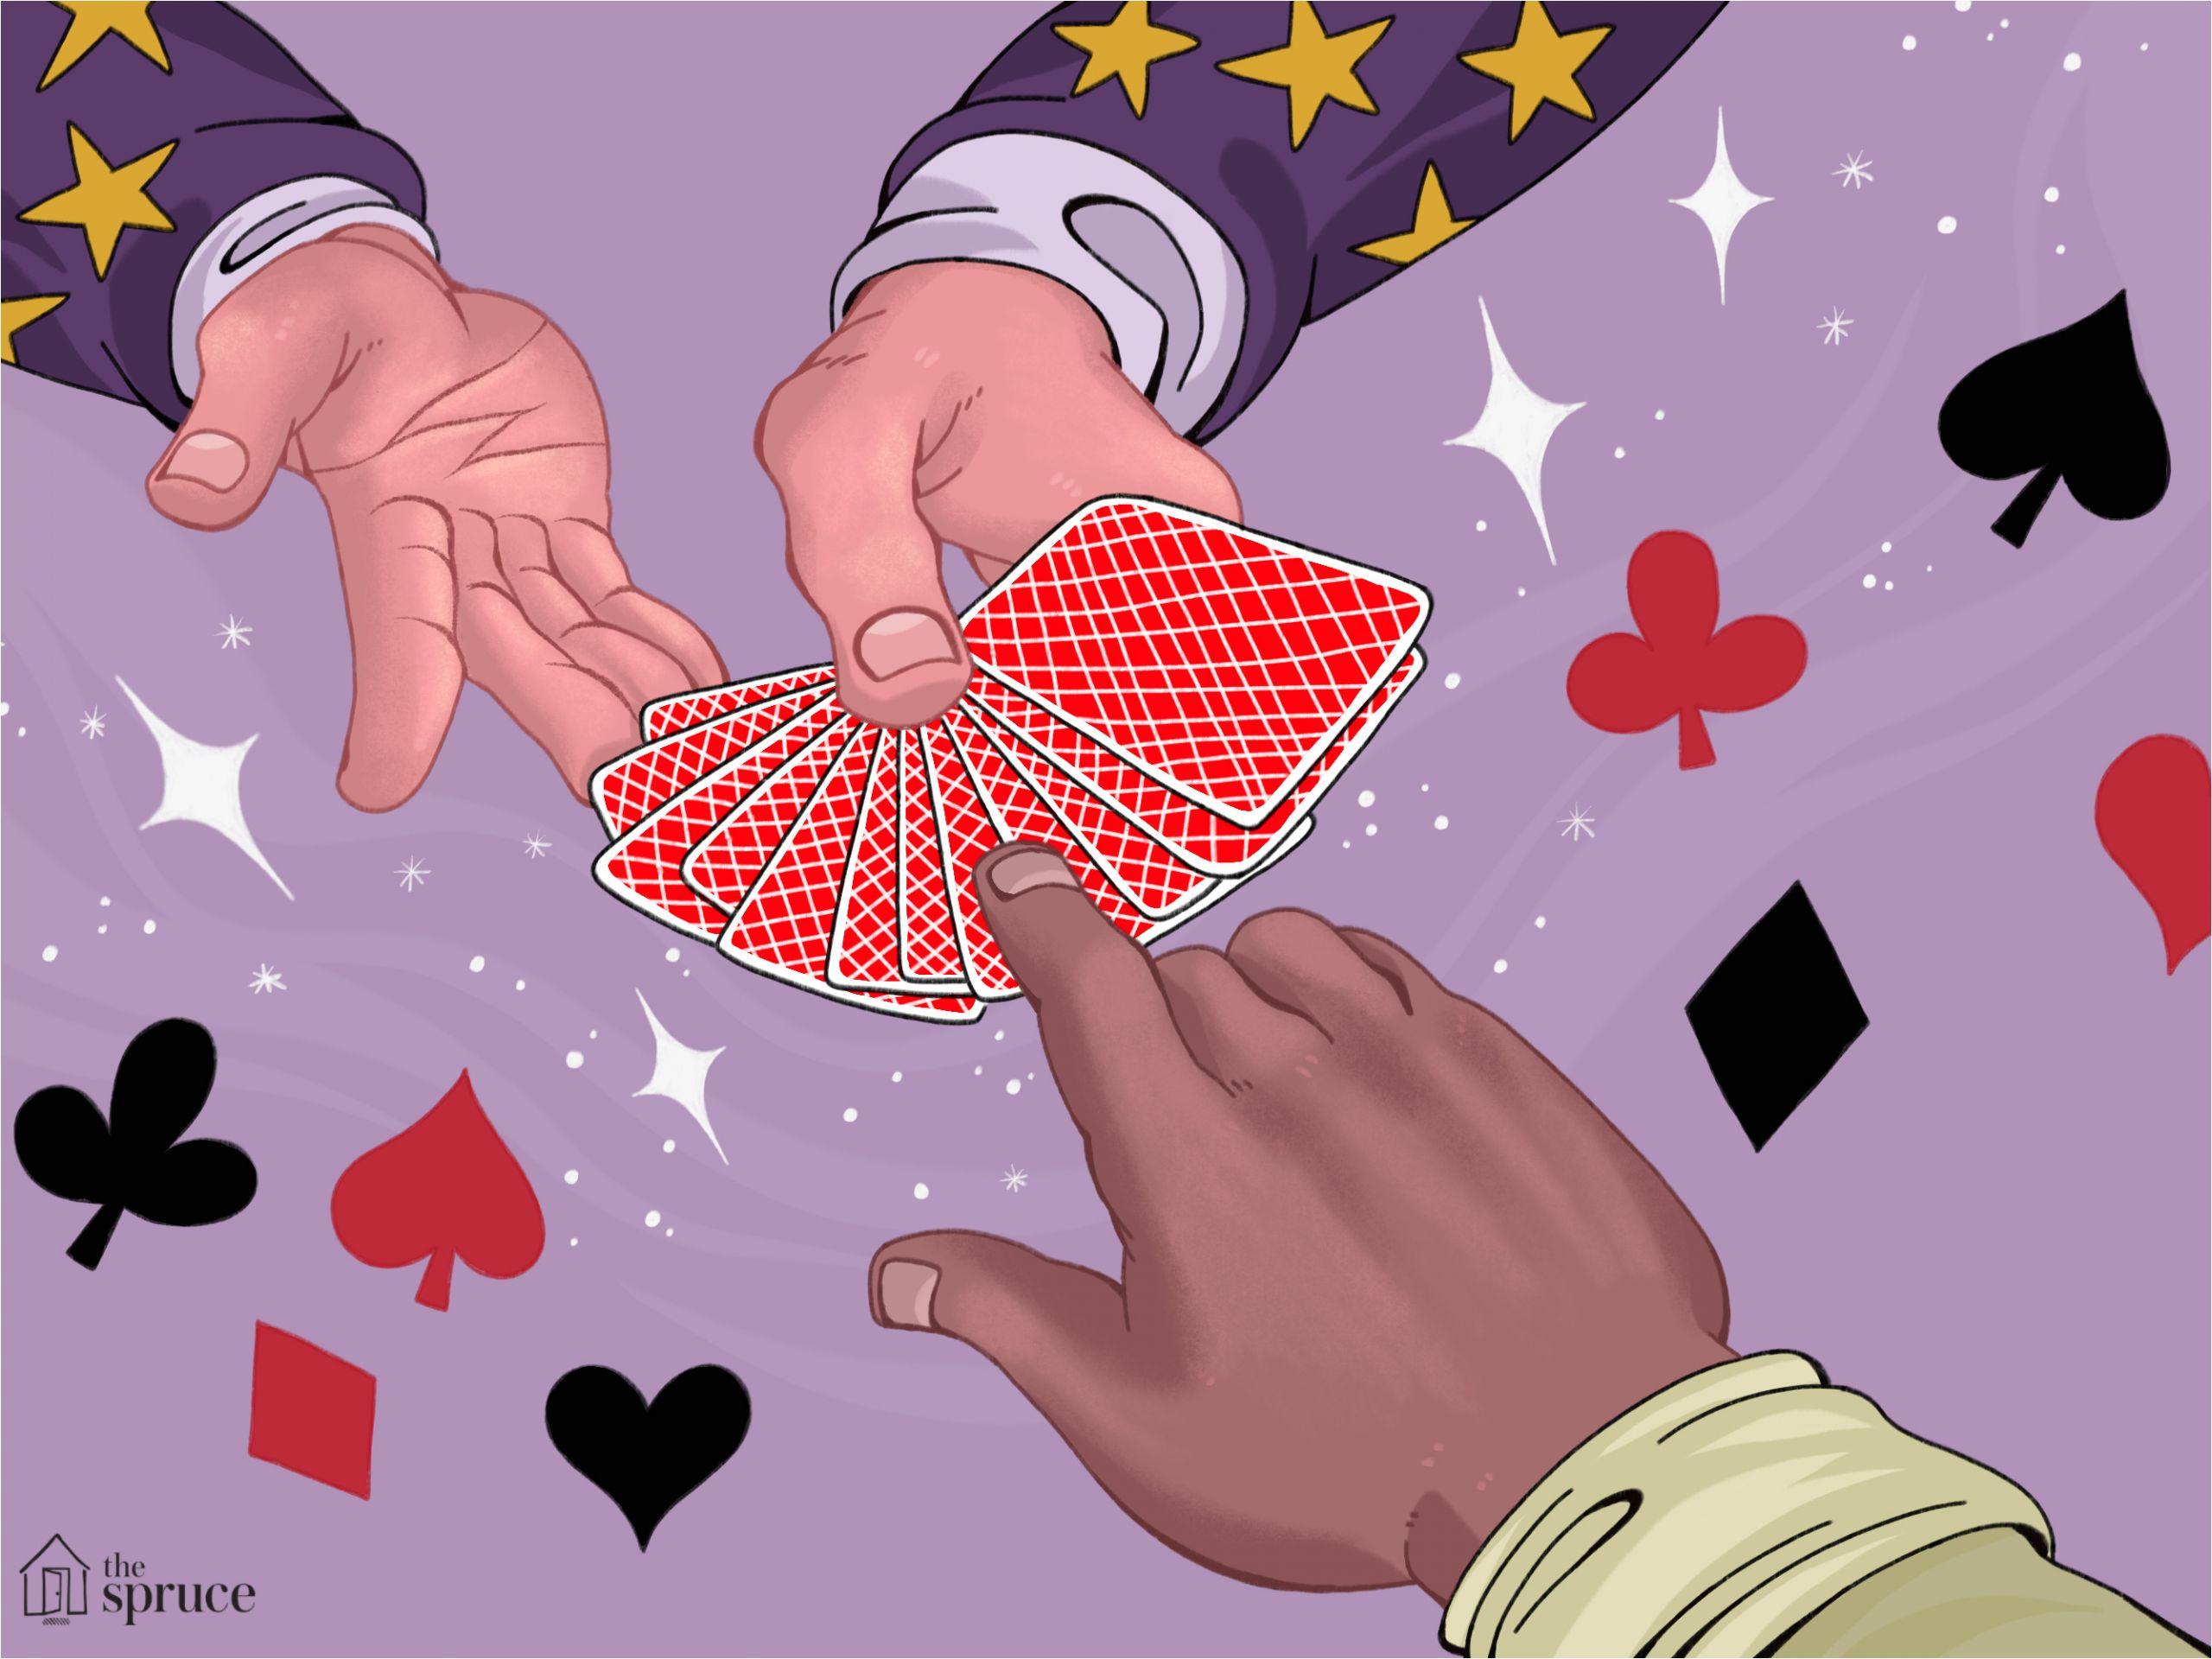 best card trick 2267052 final 2 f06d95f60d0b41ff8533895085c163ff png